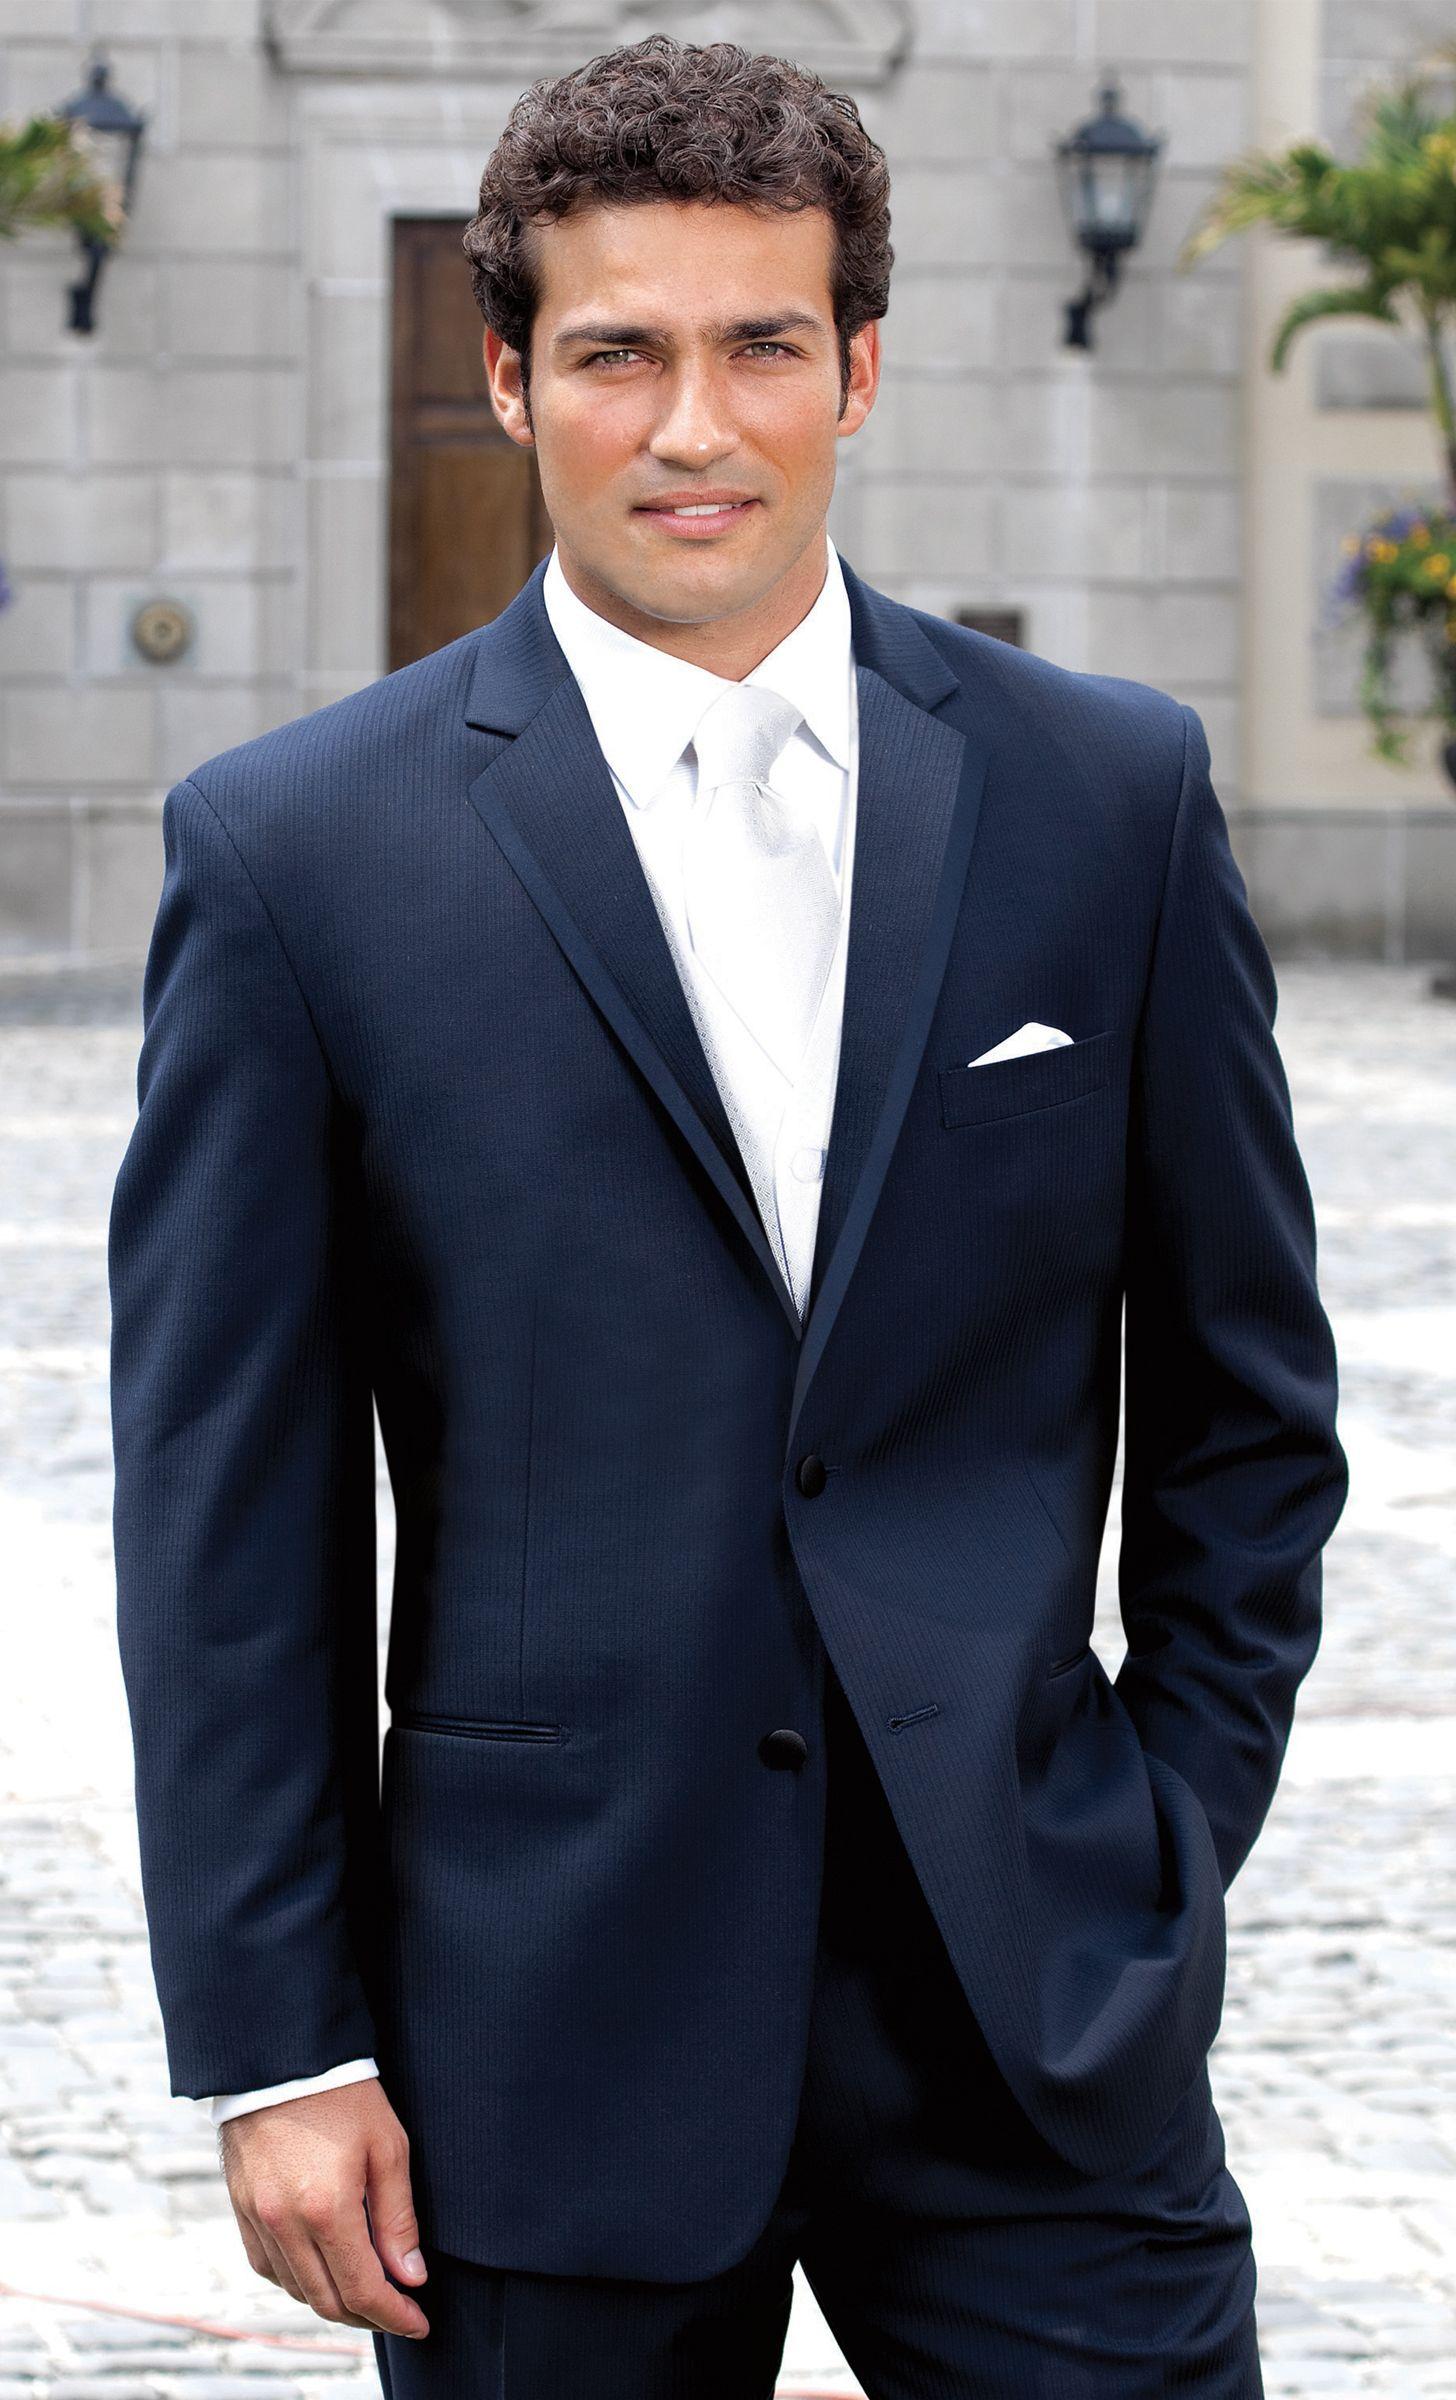 Tuxedos by Designer, Designer Tux Rentals, Designer Formal